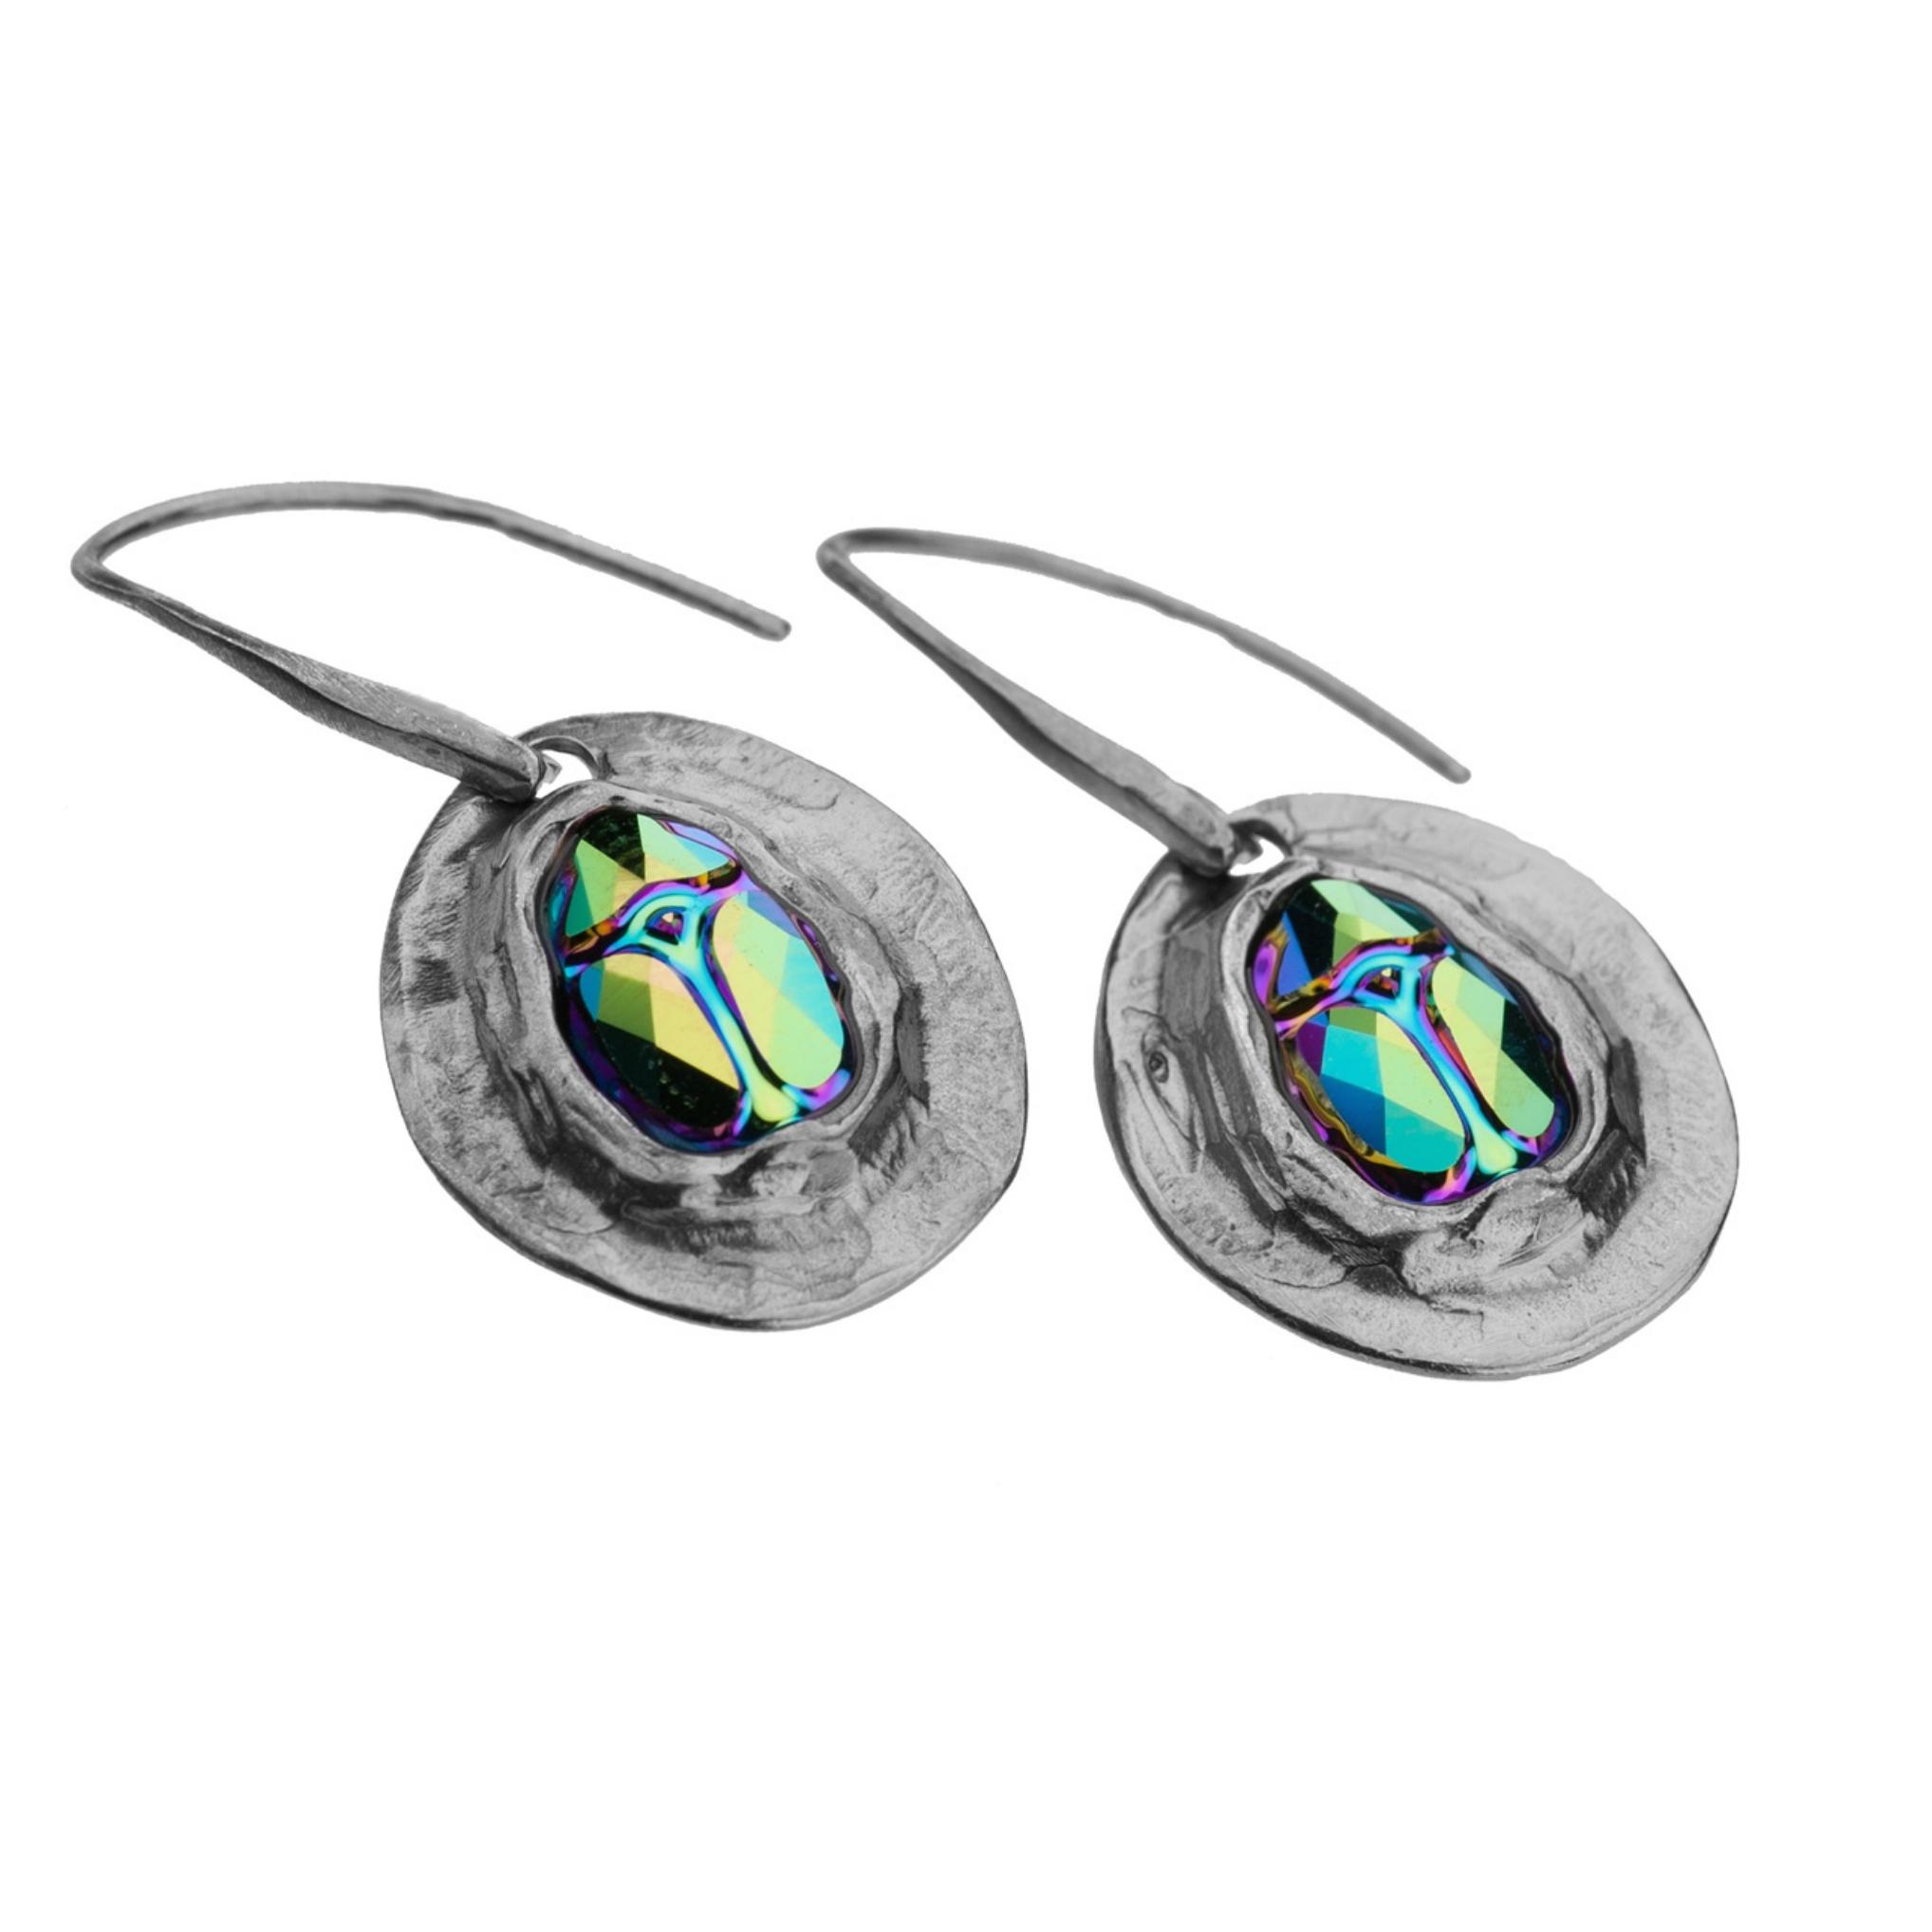 Motyle - Nefertiti Earrings MR4553